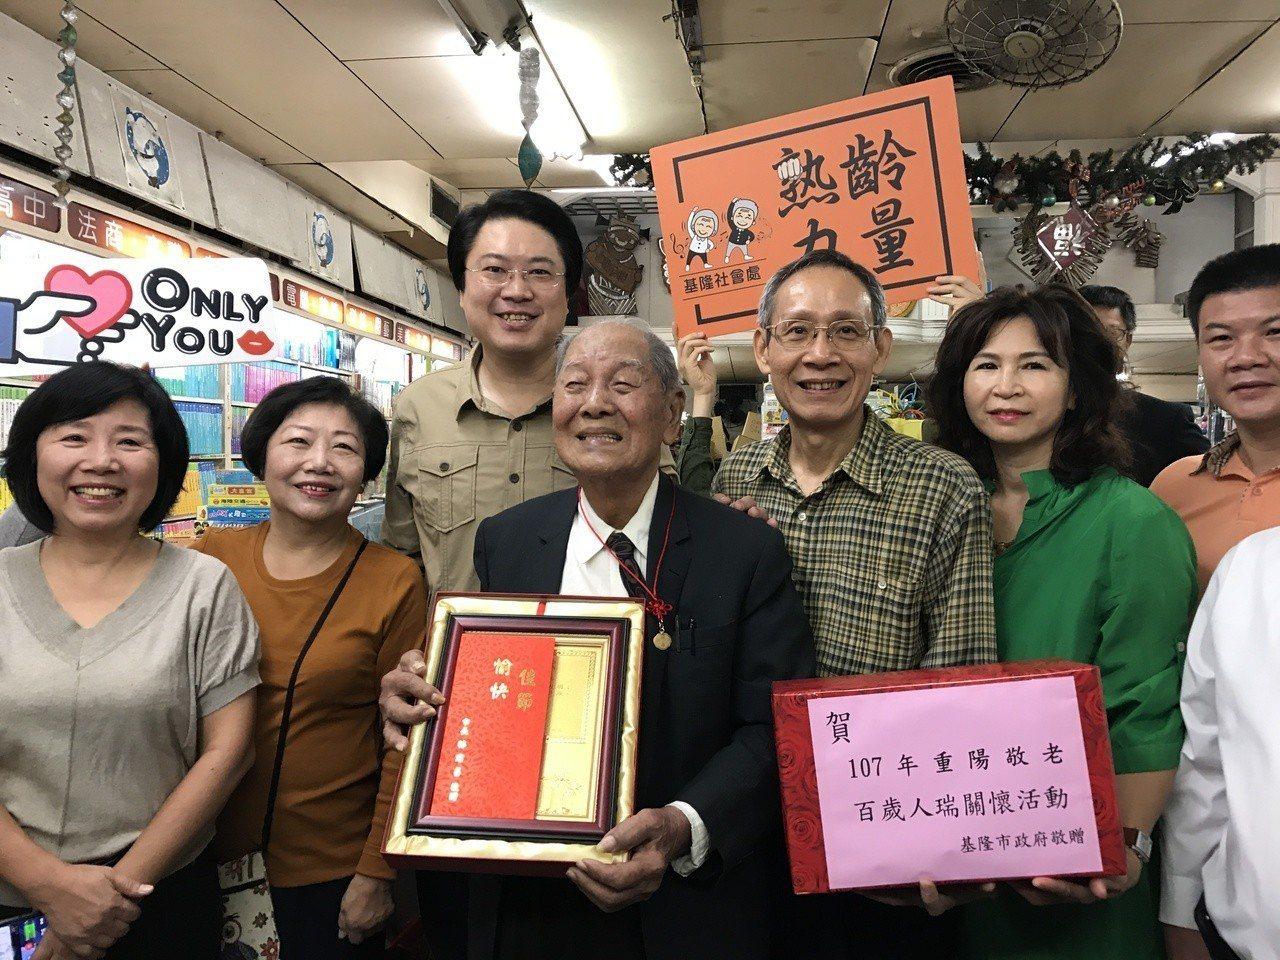 基隆市義二路好美風景的陳上惠阿公,去年滿百歲了,他創立的自立書店和琴音,是許多基...